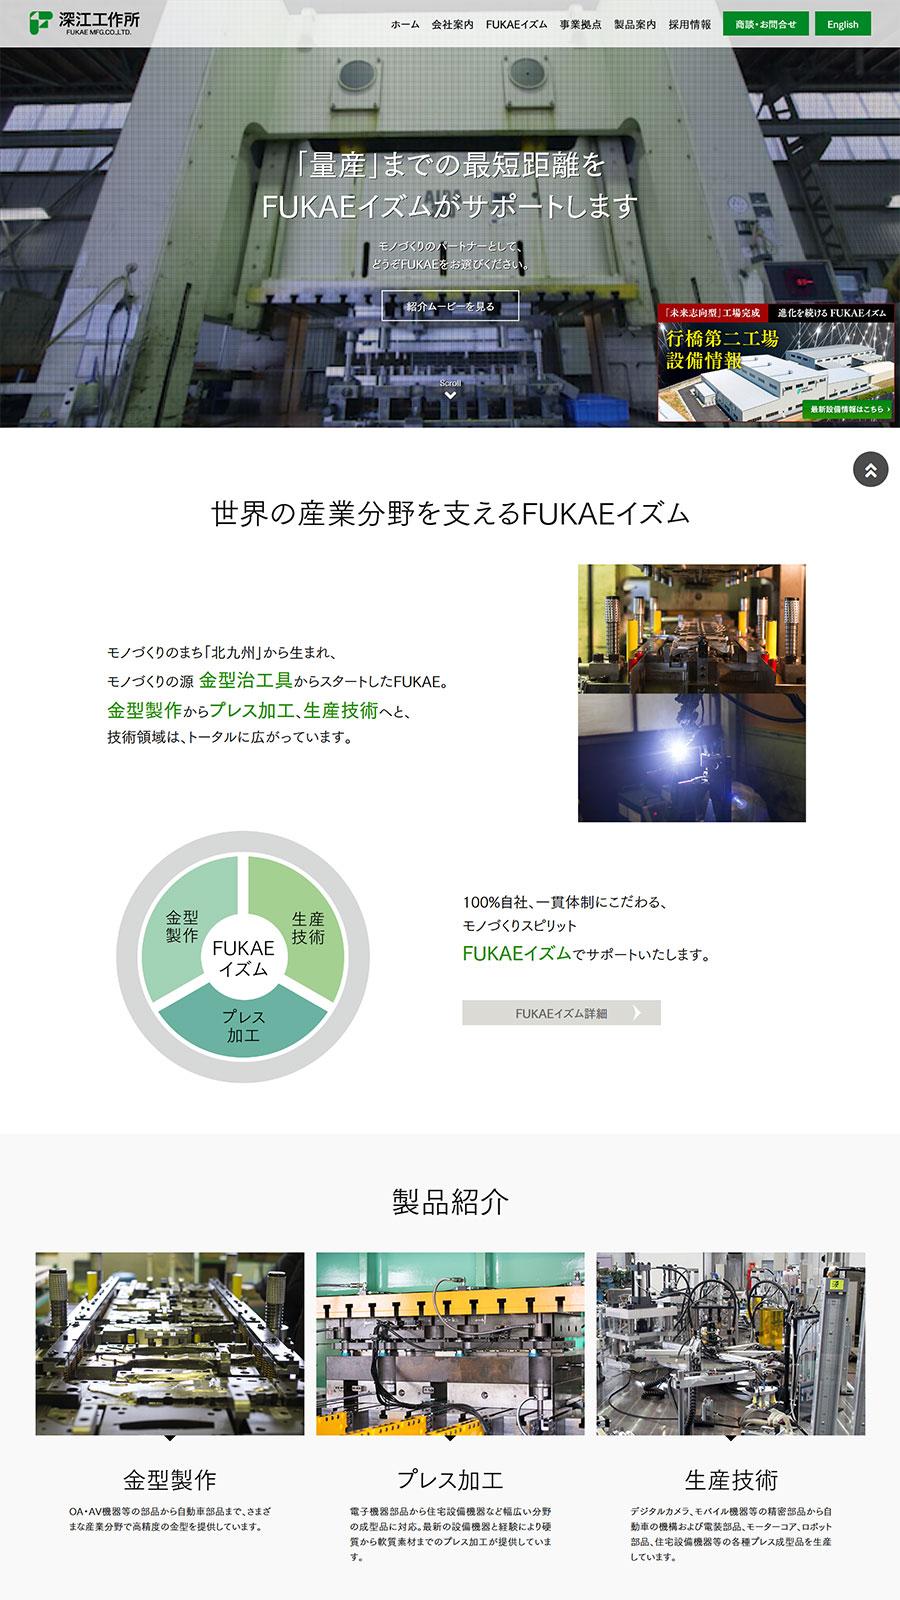 株式会社 深江工作所 様